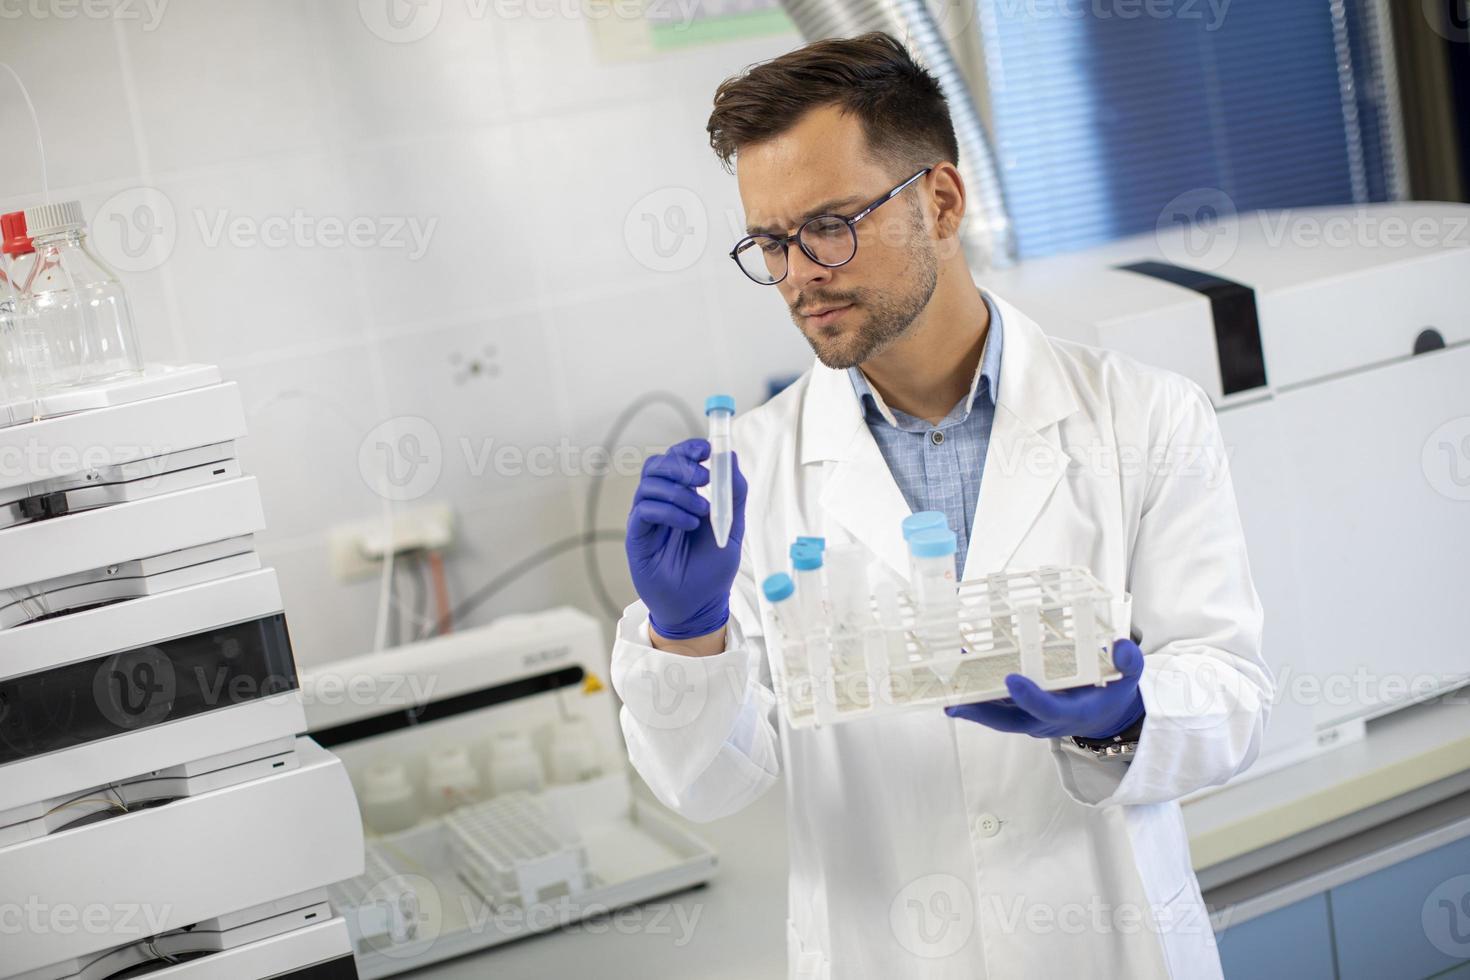 jonge onderzoeker die met chemische monsters in laboratorium werkt foto